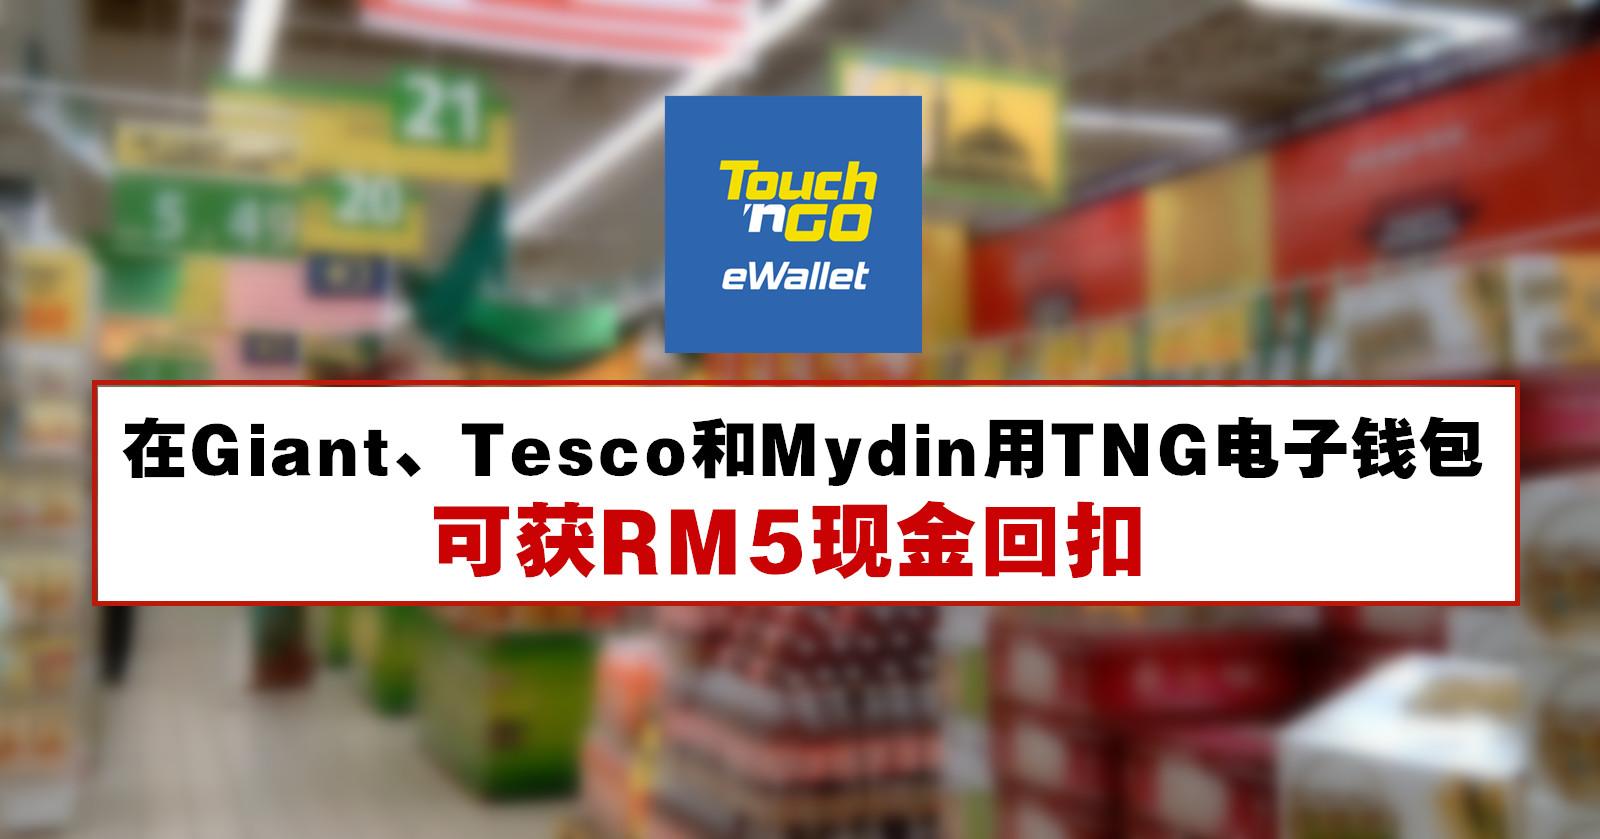 在Giant、Tesco和Mydin用TNG电子钱包,可获RM5现金回扣